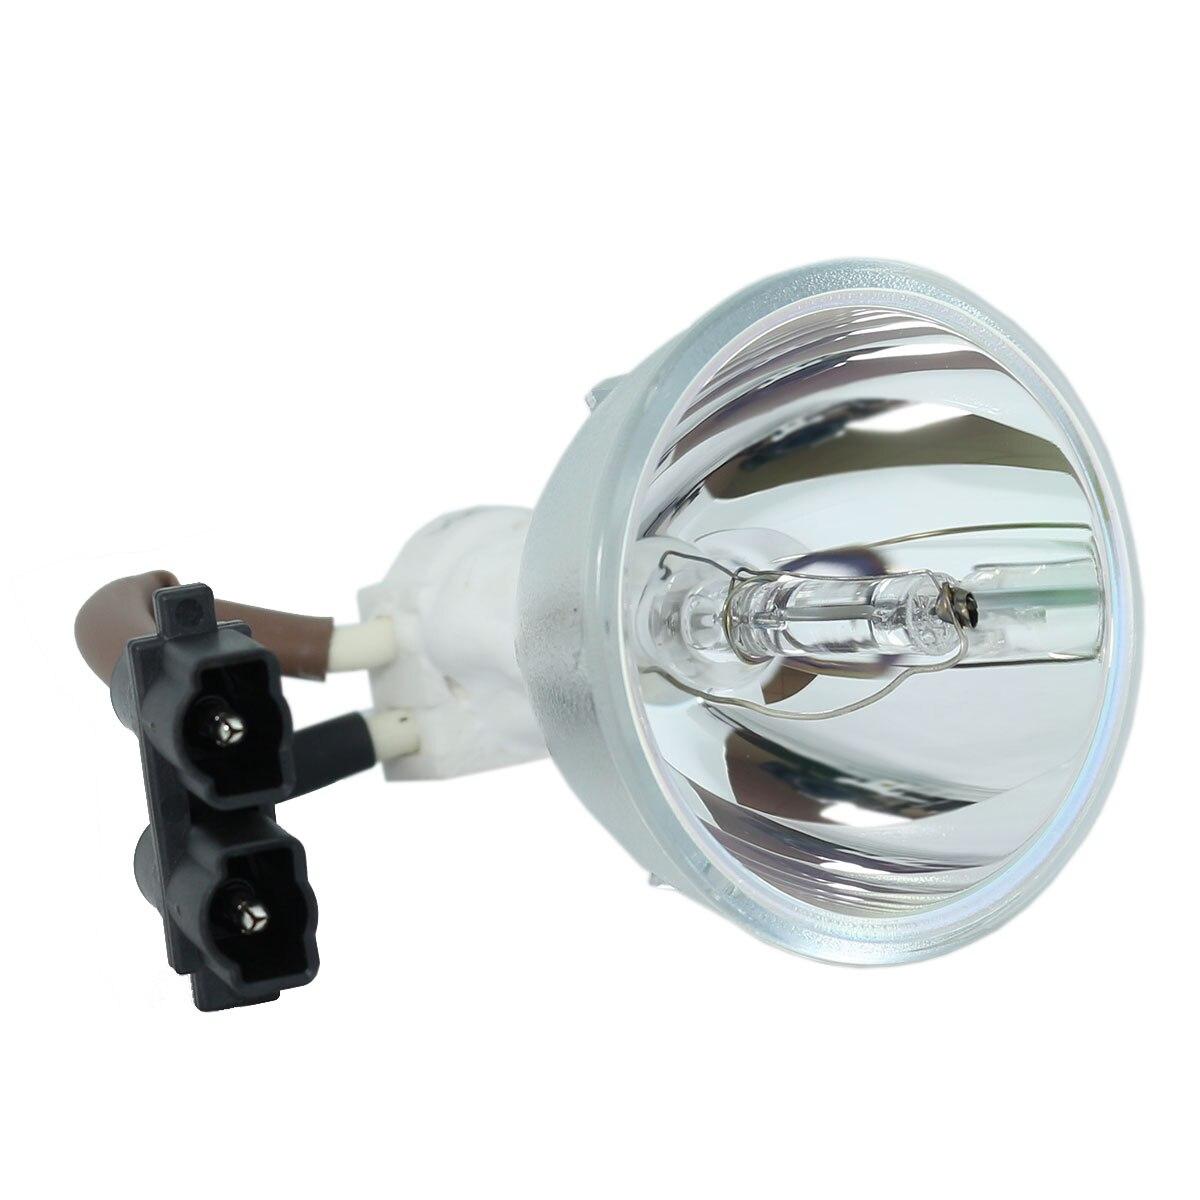 Compatible Ampoule Nue BL-FP230C SP.85R01GC01 pour OPTOMA DX205 DX625 DX627 DX733 EP719H EP749 TX800 EP38MXB Lampe De Projecteur Ampoule